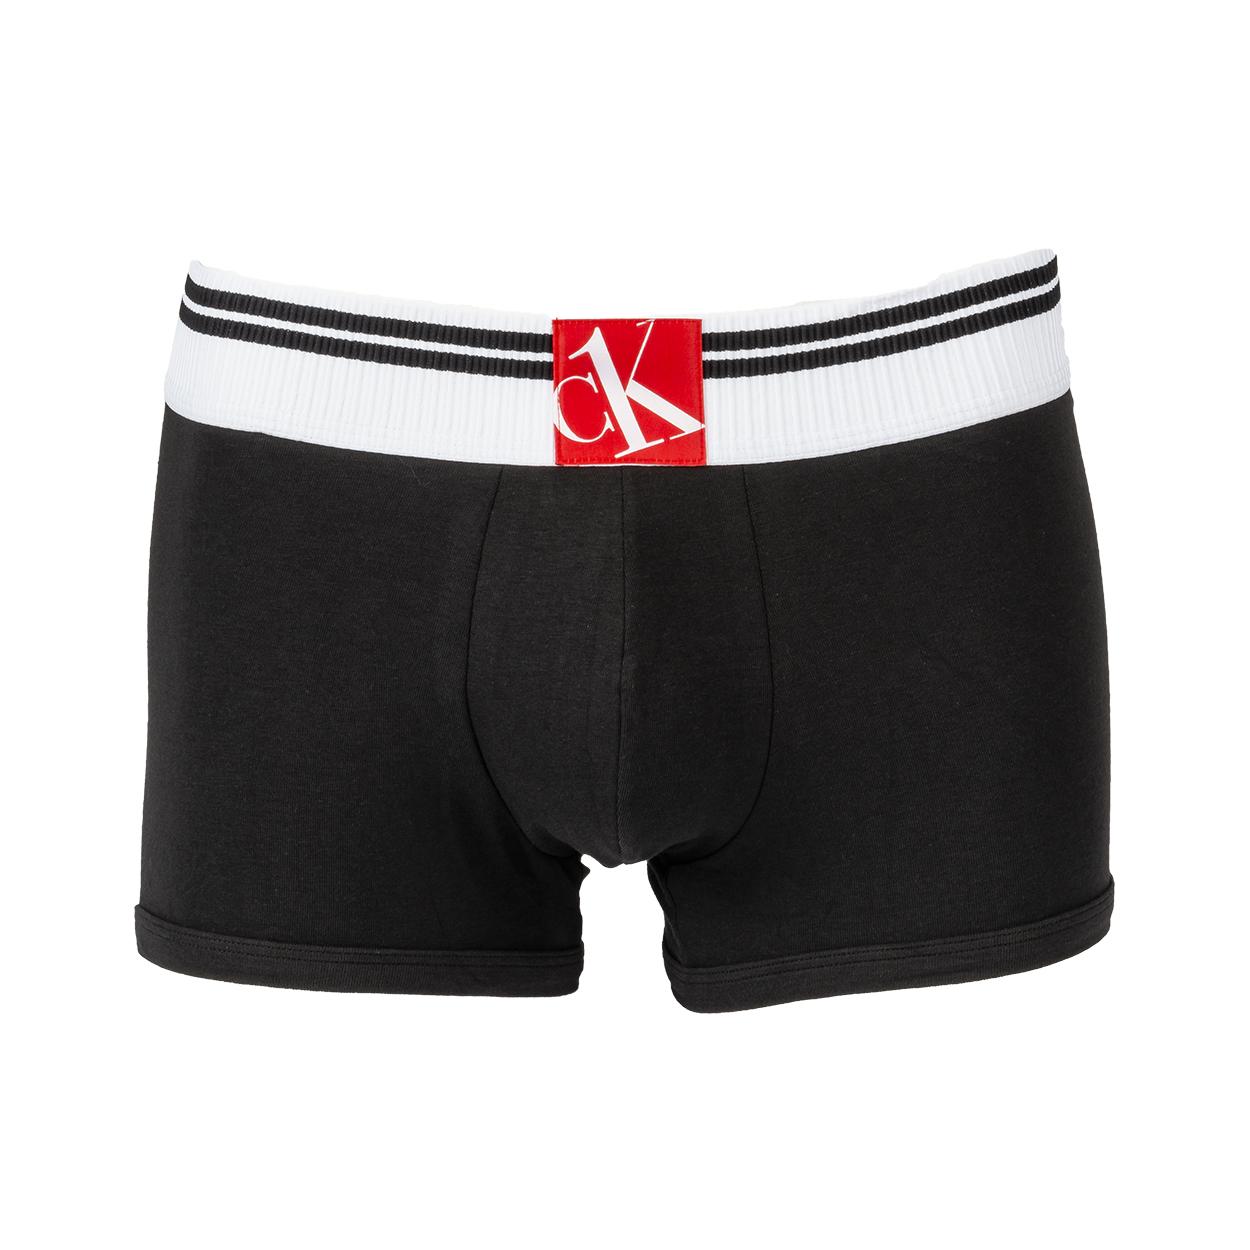 Boxer calvin klein trunk en coton stretch noir